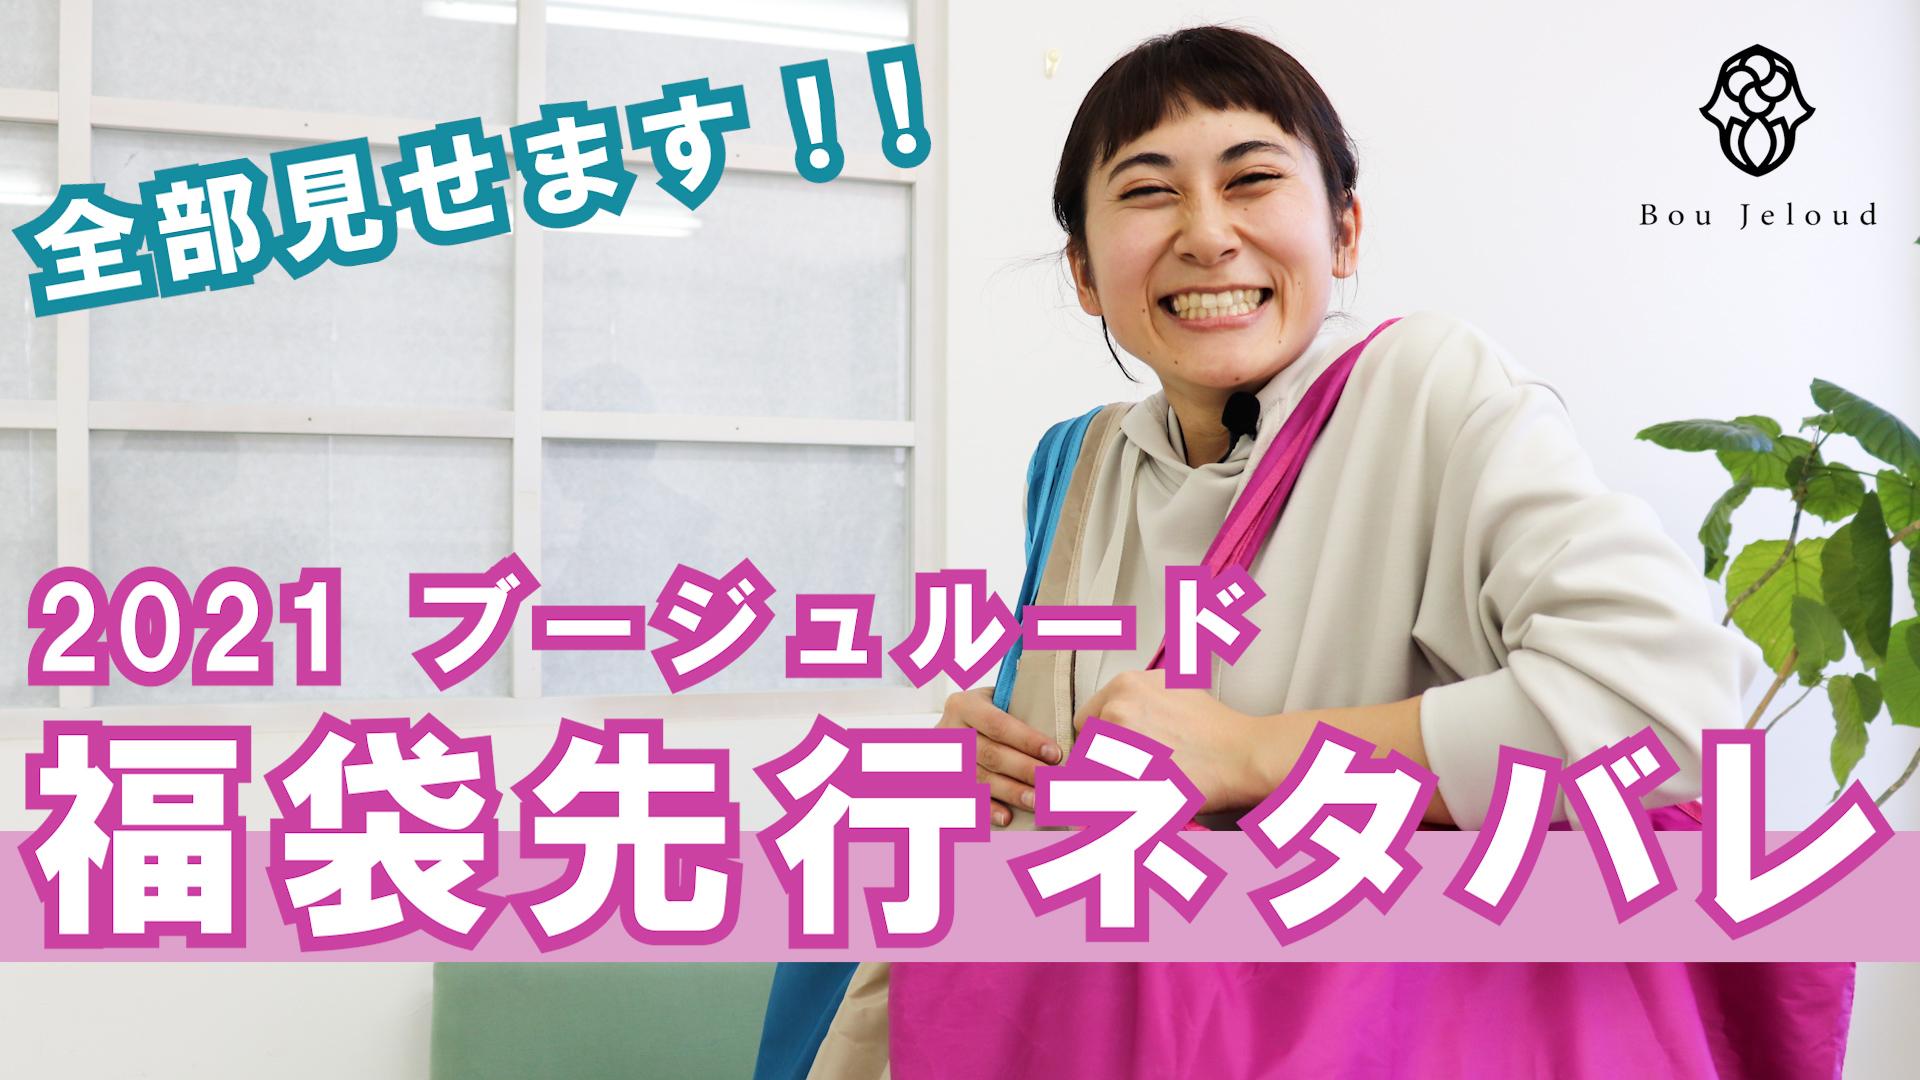 【福袋ネタバレ】超お🉐福袋🛍全部見せます!!